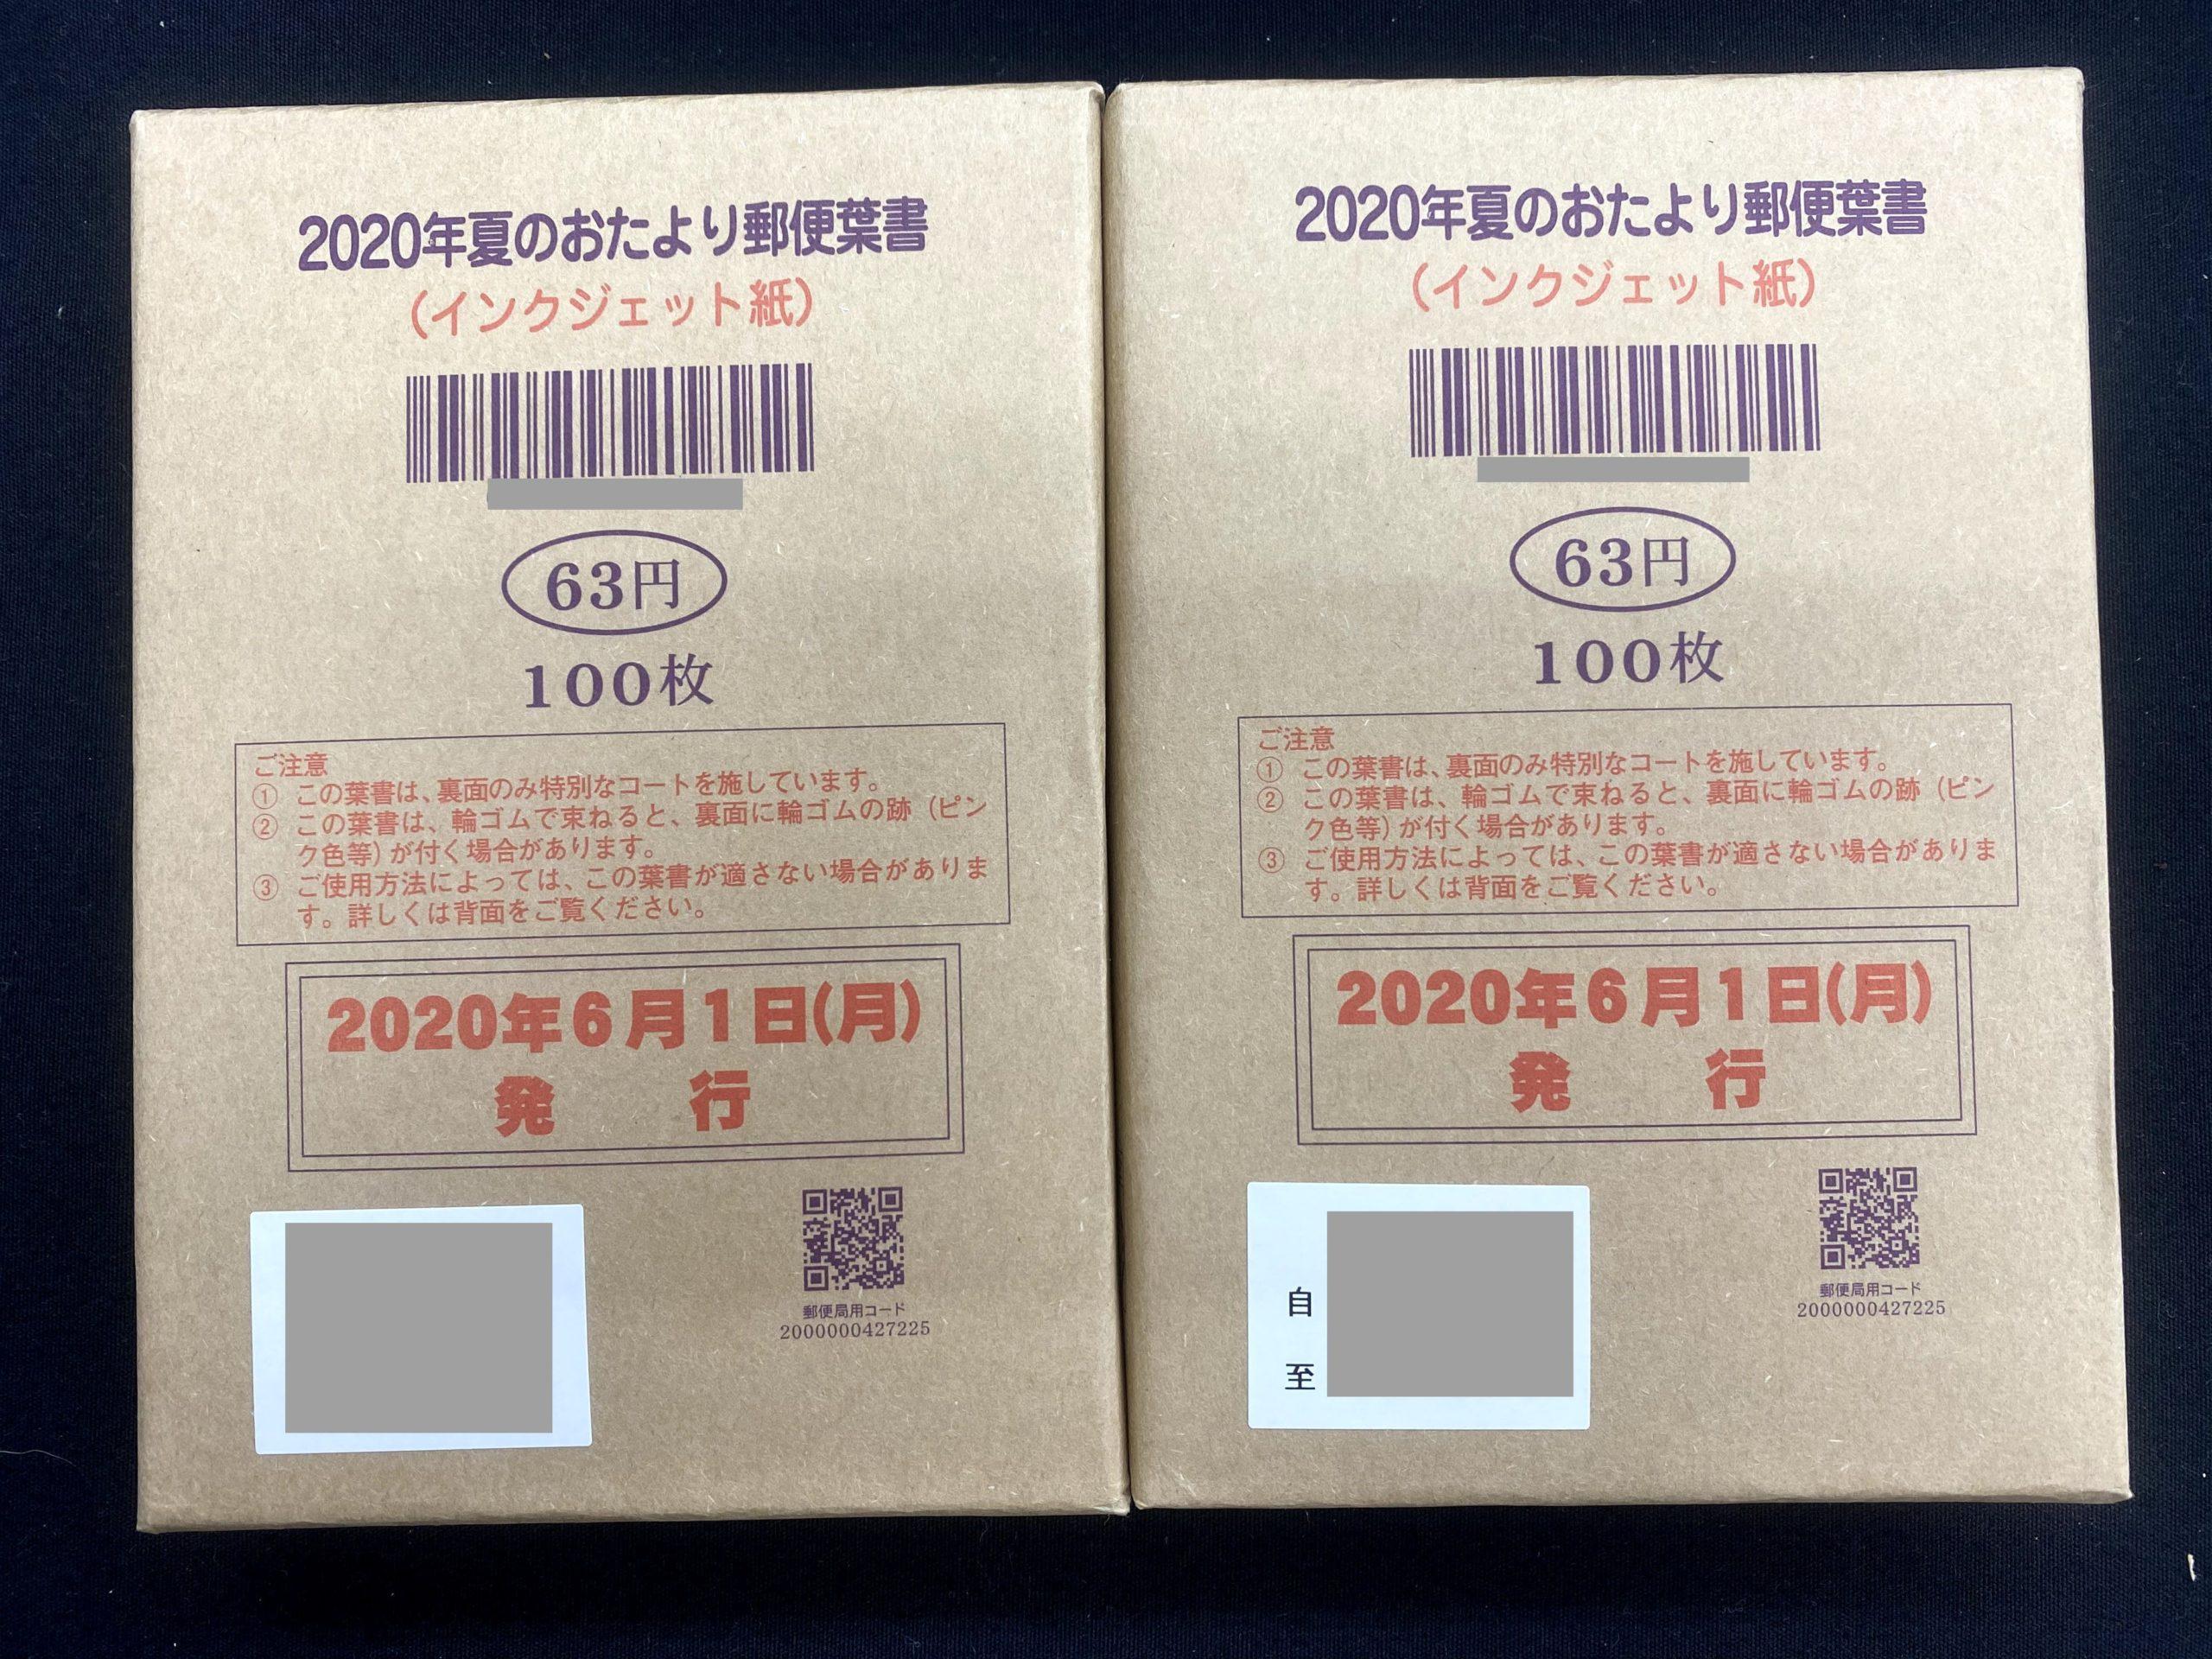 2020年夏 かもめーる 63円 2020/9/20(日) 現在買取価格